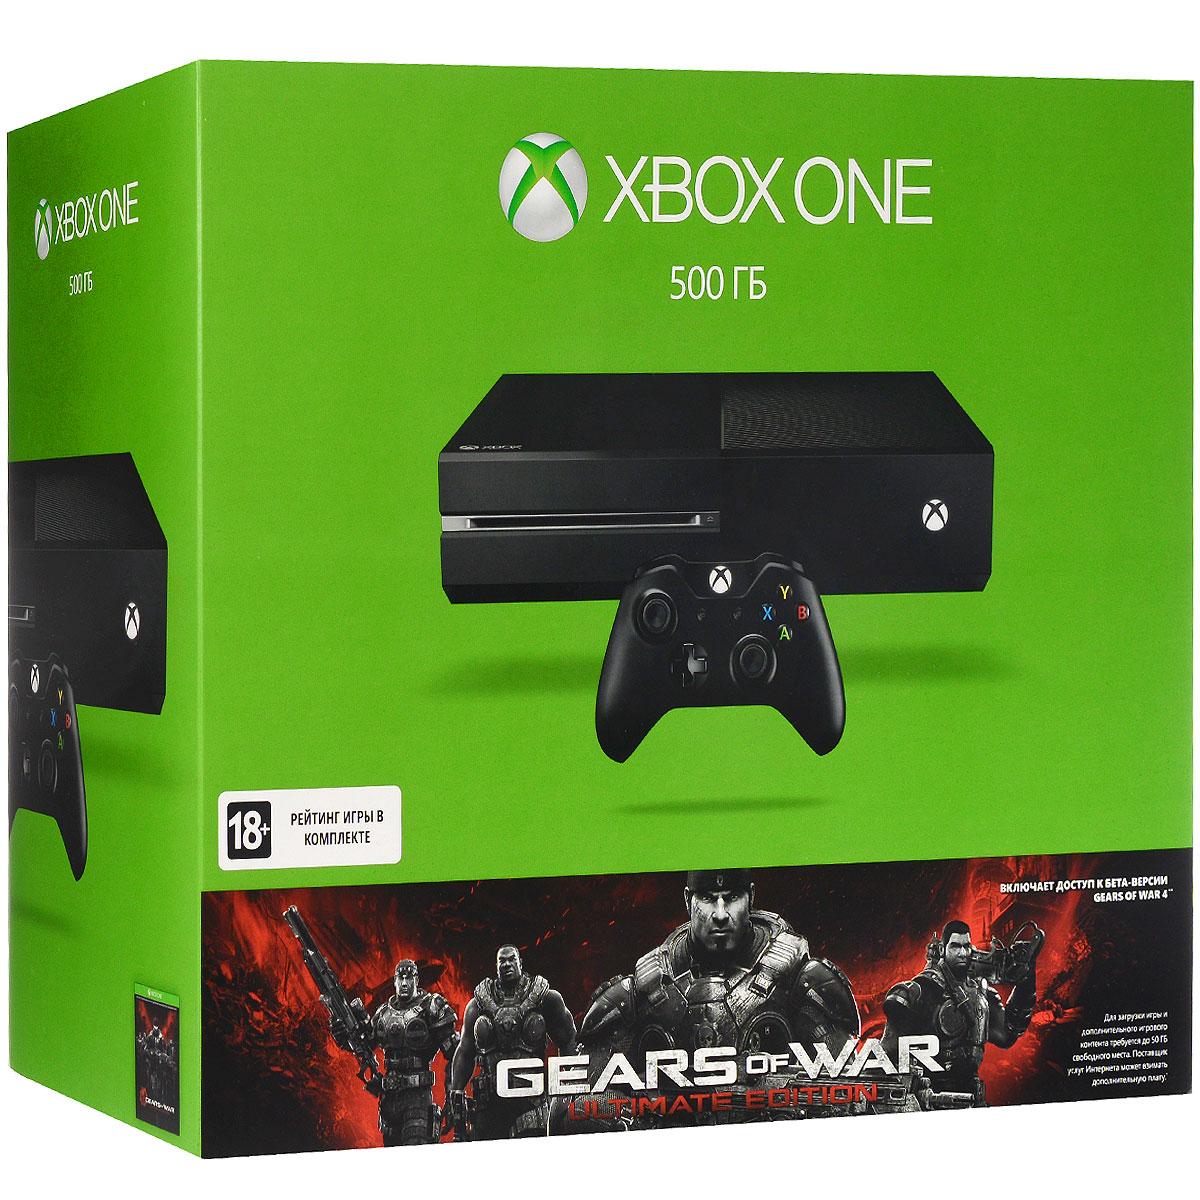 Игровая приставка Xbox One 500 ГБ + Gears of War: Ultimate Edition5C6-00110Xbox One - игровая консоль компании Microsoft c лучшими играми и самым продвинутым мультиплеером за всю историю Xbox. Благодаря регулярным обновлениям и улучшениям Xbox One дает больше возможностей в любимых играх. С помощью стриминга можно играть в игры с Xbox One на любом домашнем ПК или планшете с Windows 10.Не забудьте приобрести подписку Xbox Live Gold (https://www.ozon.ru/context/detail/id/7102216/?item=28577322).В комплекте: игровая консоль нового поколения Microsoft Xbox One c жестким диском 500 ГБ, беспроводным геймпадом, гарнитурой, кабелем HDM и кодами для загрузки игры Geard of War (полностью на русском) и скина Суперзвезда Коул для сетевой игры. Плюс 14 дней пробной подписки Xbox Live Gold.4 причины купить Xbox One:Лучшая линейка игр в истории Xbox. Играйте в такие эксклюзивы, как Halo 5: Guardians, Forza Motorsport 6, Gears of War: Ultimate Edition и Quantum Break. Приобретите такие блокбастеры, как Fallout 4, FIFA 16 и Tom Clancys Rainbow Six Siege. Xbox One - это единственная консоль, где вы можете играть в новинки от EA до их официального запуска в течение ограниченного времени с подпиской EA AccessИграйте в игры Xbox 360 на Xbox One. На Xbox One работает функция обратной совместимости, которая позволяет играть в свои любимые игры Xbox 360 на консоли Xbox One без какой-либо дополнительной платы. Количество игр, участвующих в программе, постоянно растет и сейчас составляет более 100 наименований. Xbox Live - международное игровое сообщество. Играйте с друзьями в самой продвинутой многопользовательской сети: сотни тысяч серверов по всему миру обеспечивают максимальную производительность, минимальные задержки и предотвращают читинг.Игры и развлечения вместе. Легко и быстро переключайтесь между играми и приложениями. Используйте такие популярные сервисы, как Skype, ivi.ru, Россия ТВ, Netflix и EA Access.